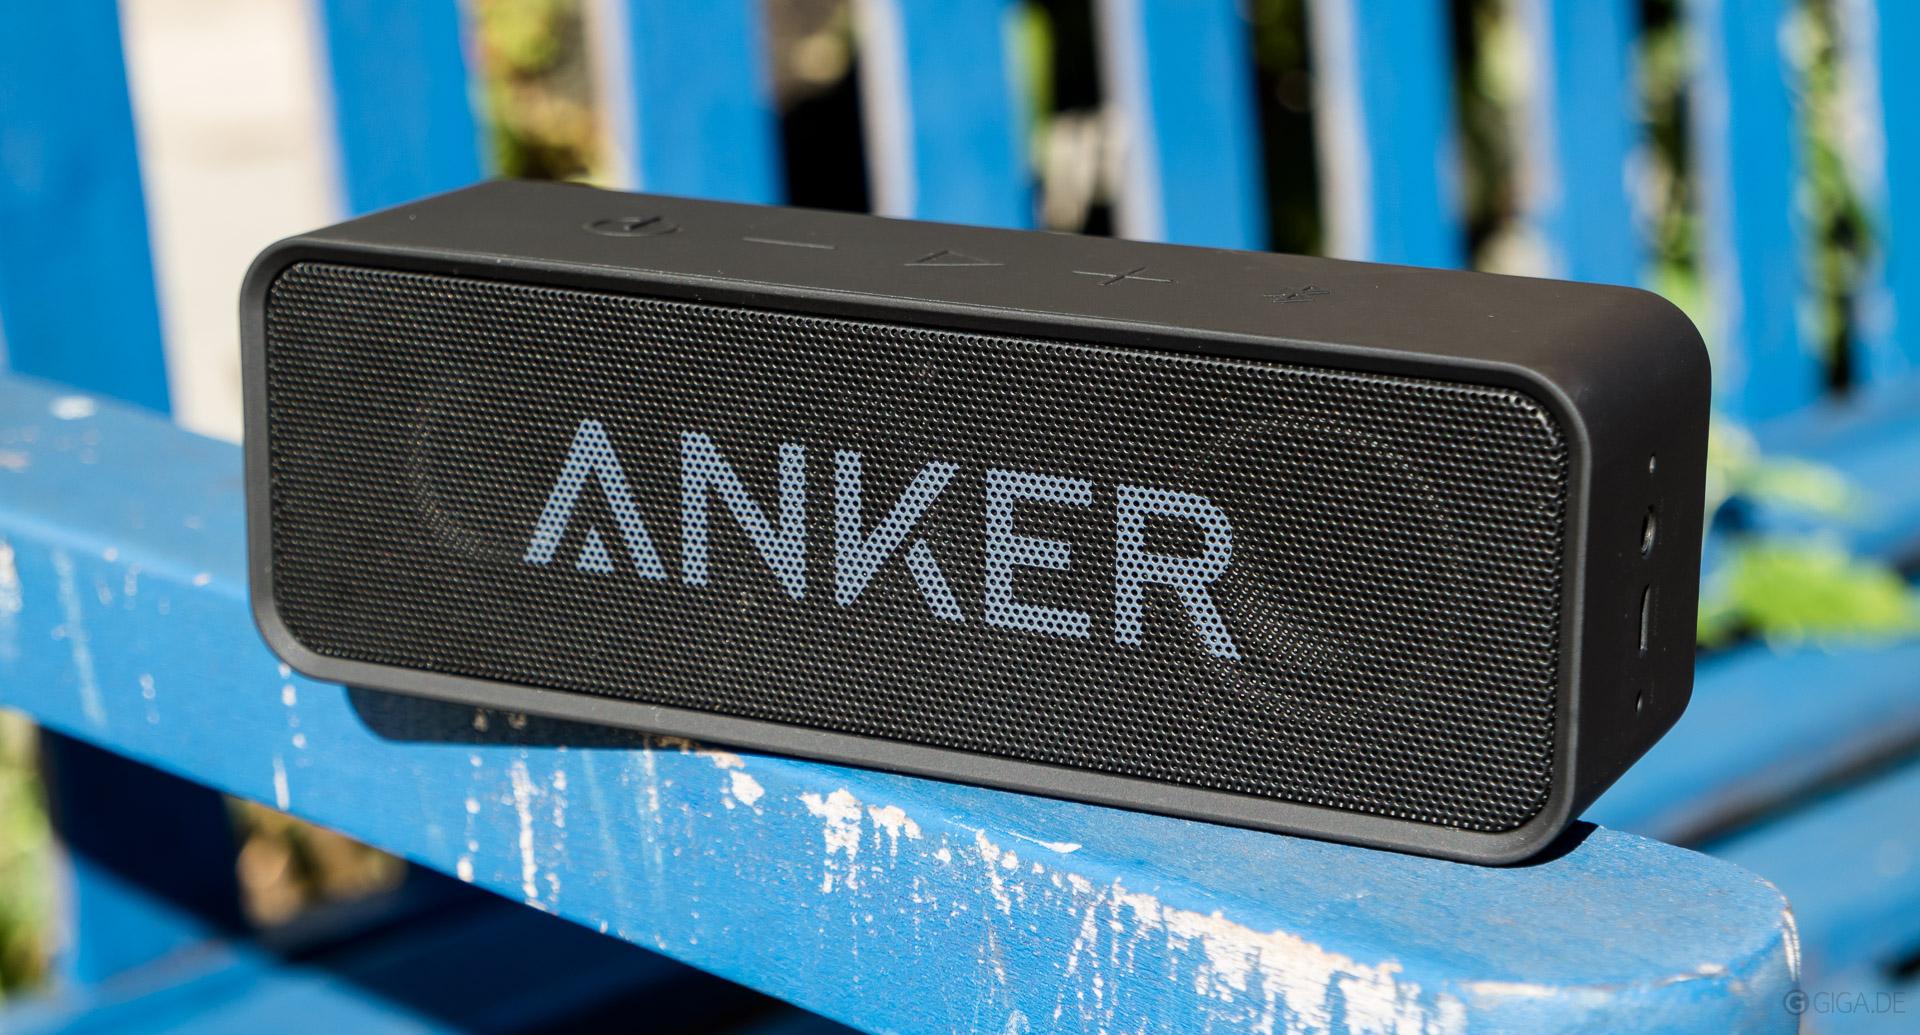 Bluetooth Lautsprecher Laut : wasserfeste bluetooth lautsprecher im test vergleich von outdoor modellen von 30 bis 150 euro ~ Eleganceandgraceweddings.com Haus und Dekorationen